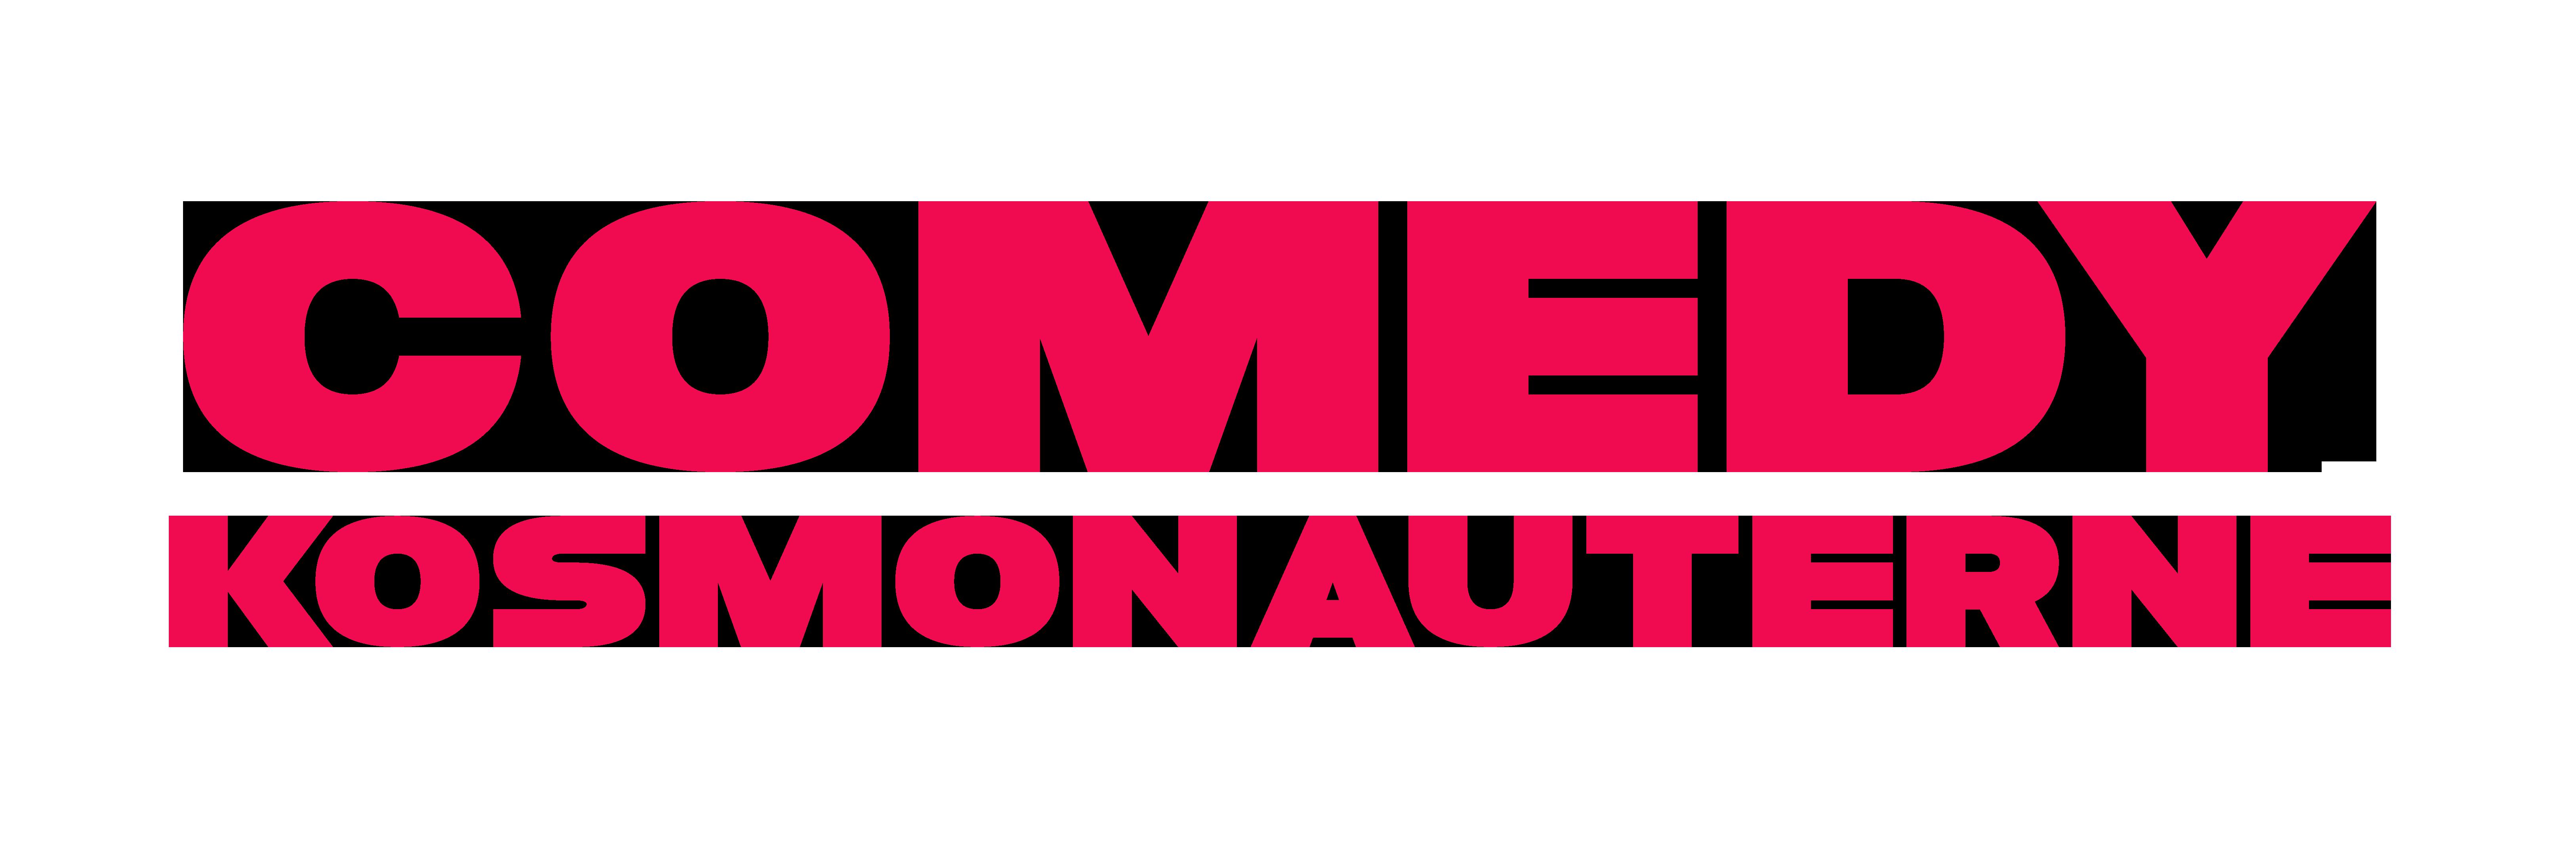 Kosmonauter